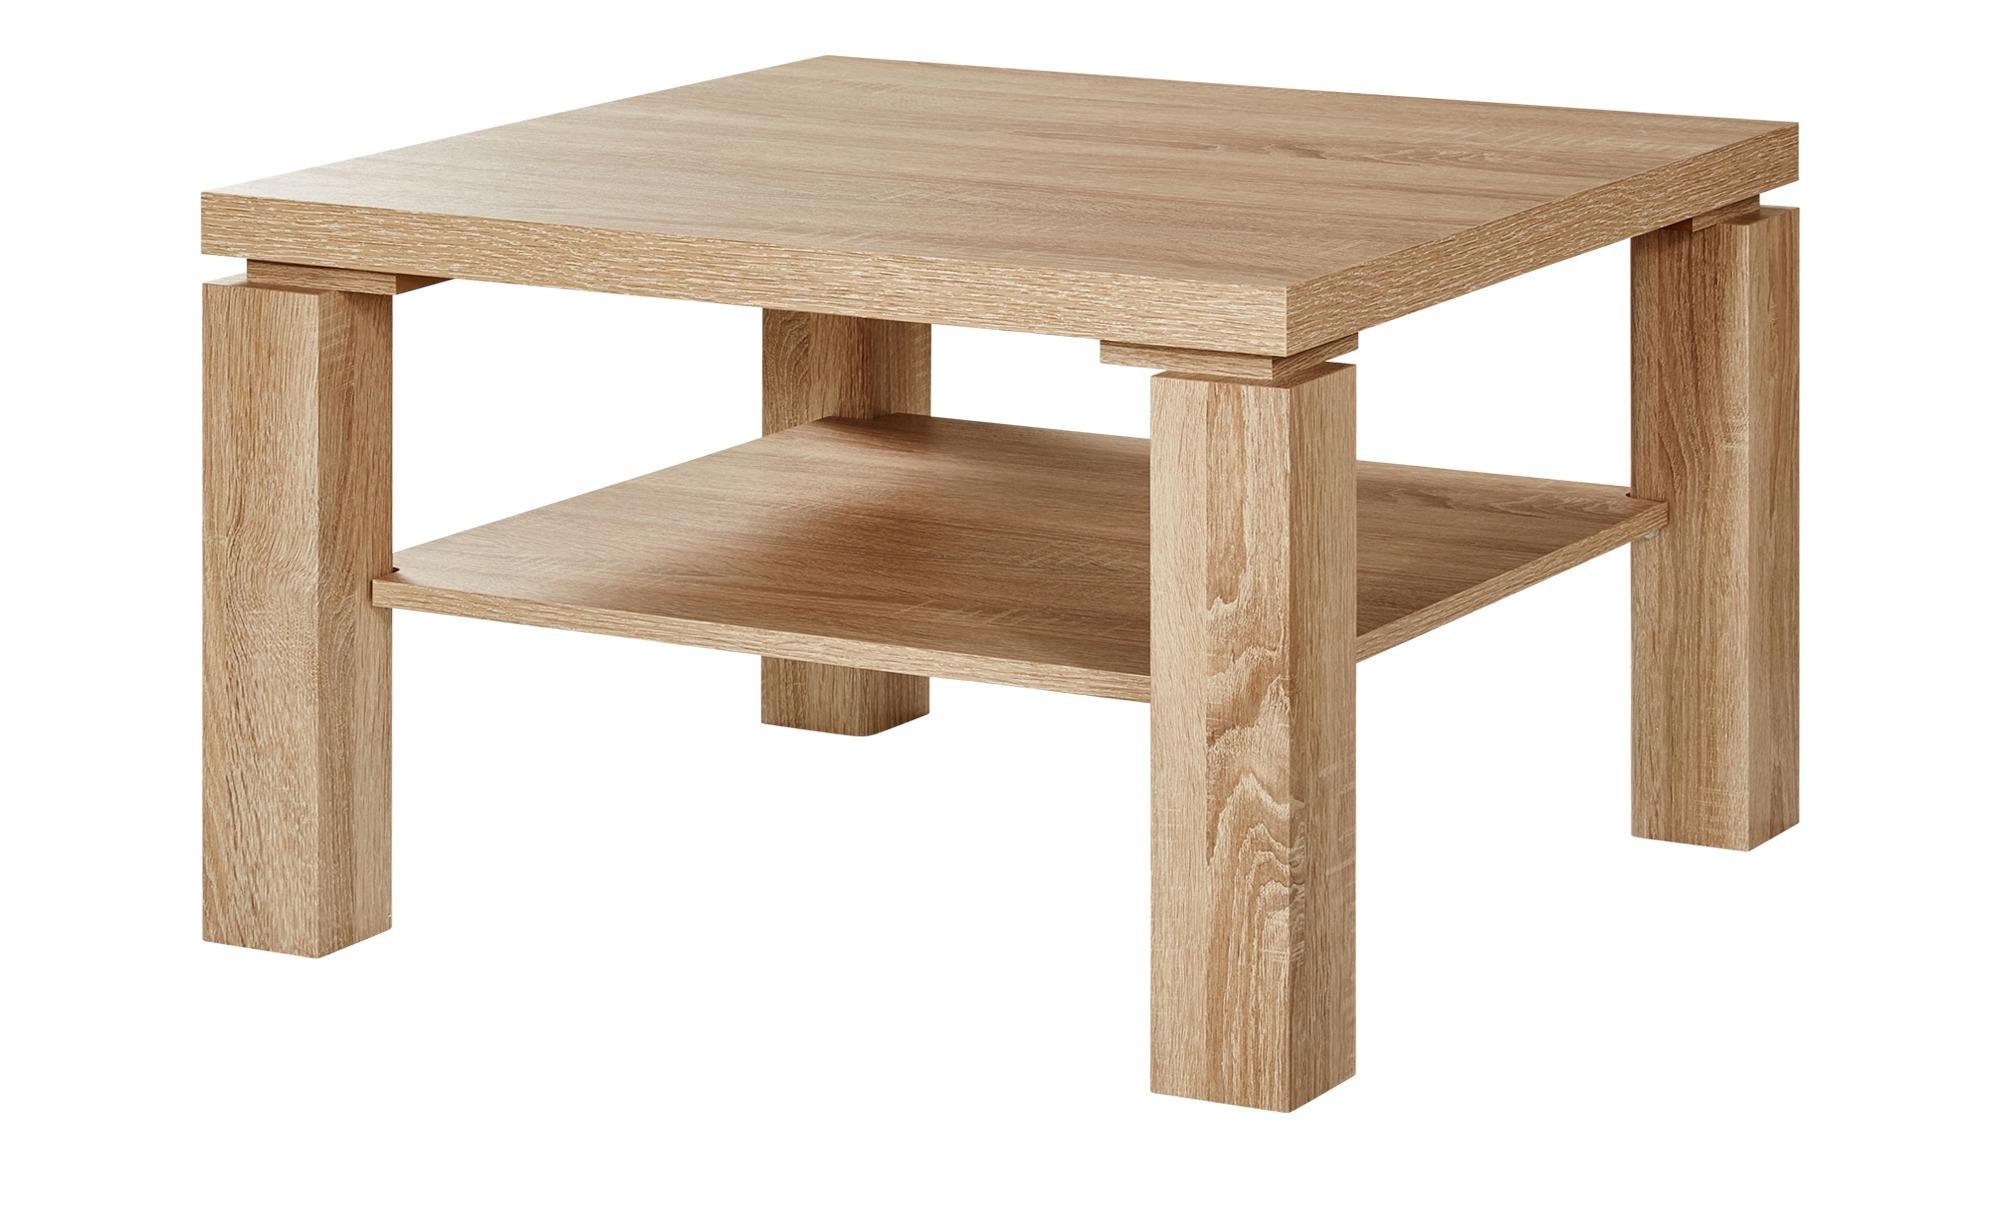 Couchtisch   Morgo ¦ holzfarben ¦ Maße (cm): B: 68 H: 43 Tische > Couchtische > Couchtische rechteckig - Höffner